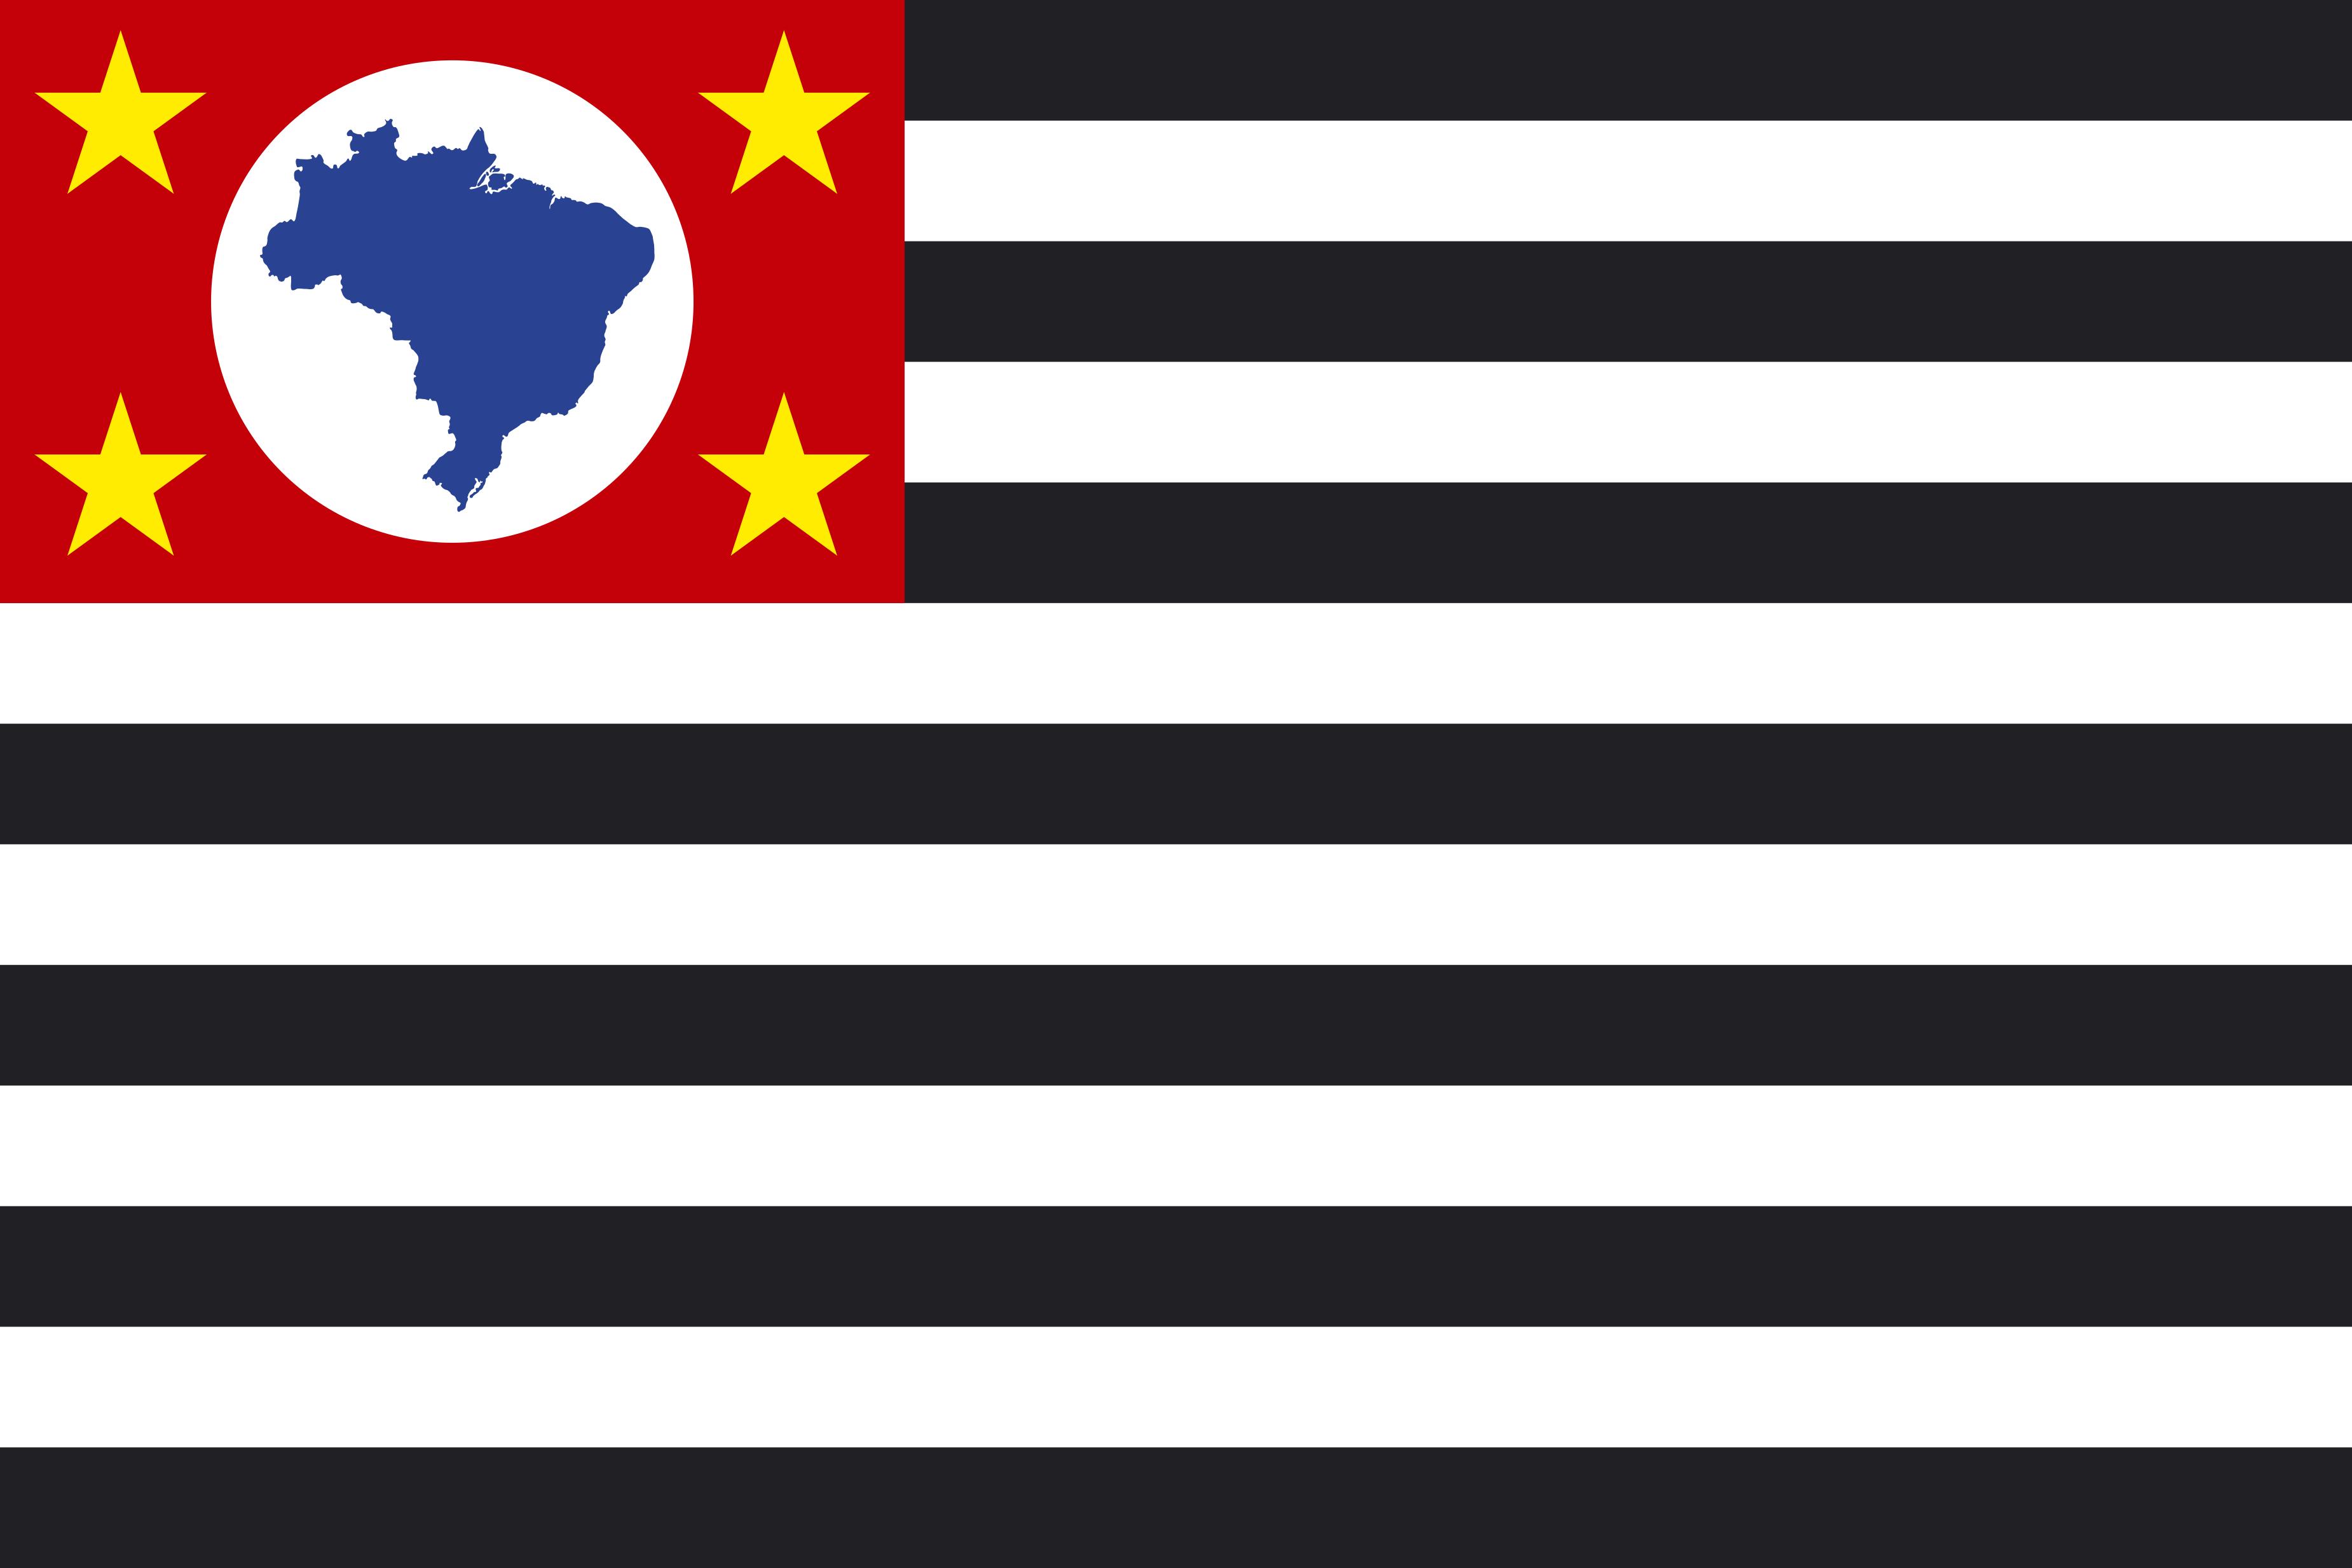 bandeira-do-estado-de-sao-paulo